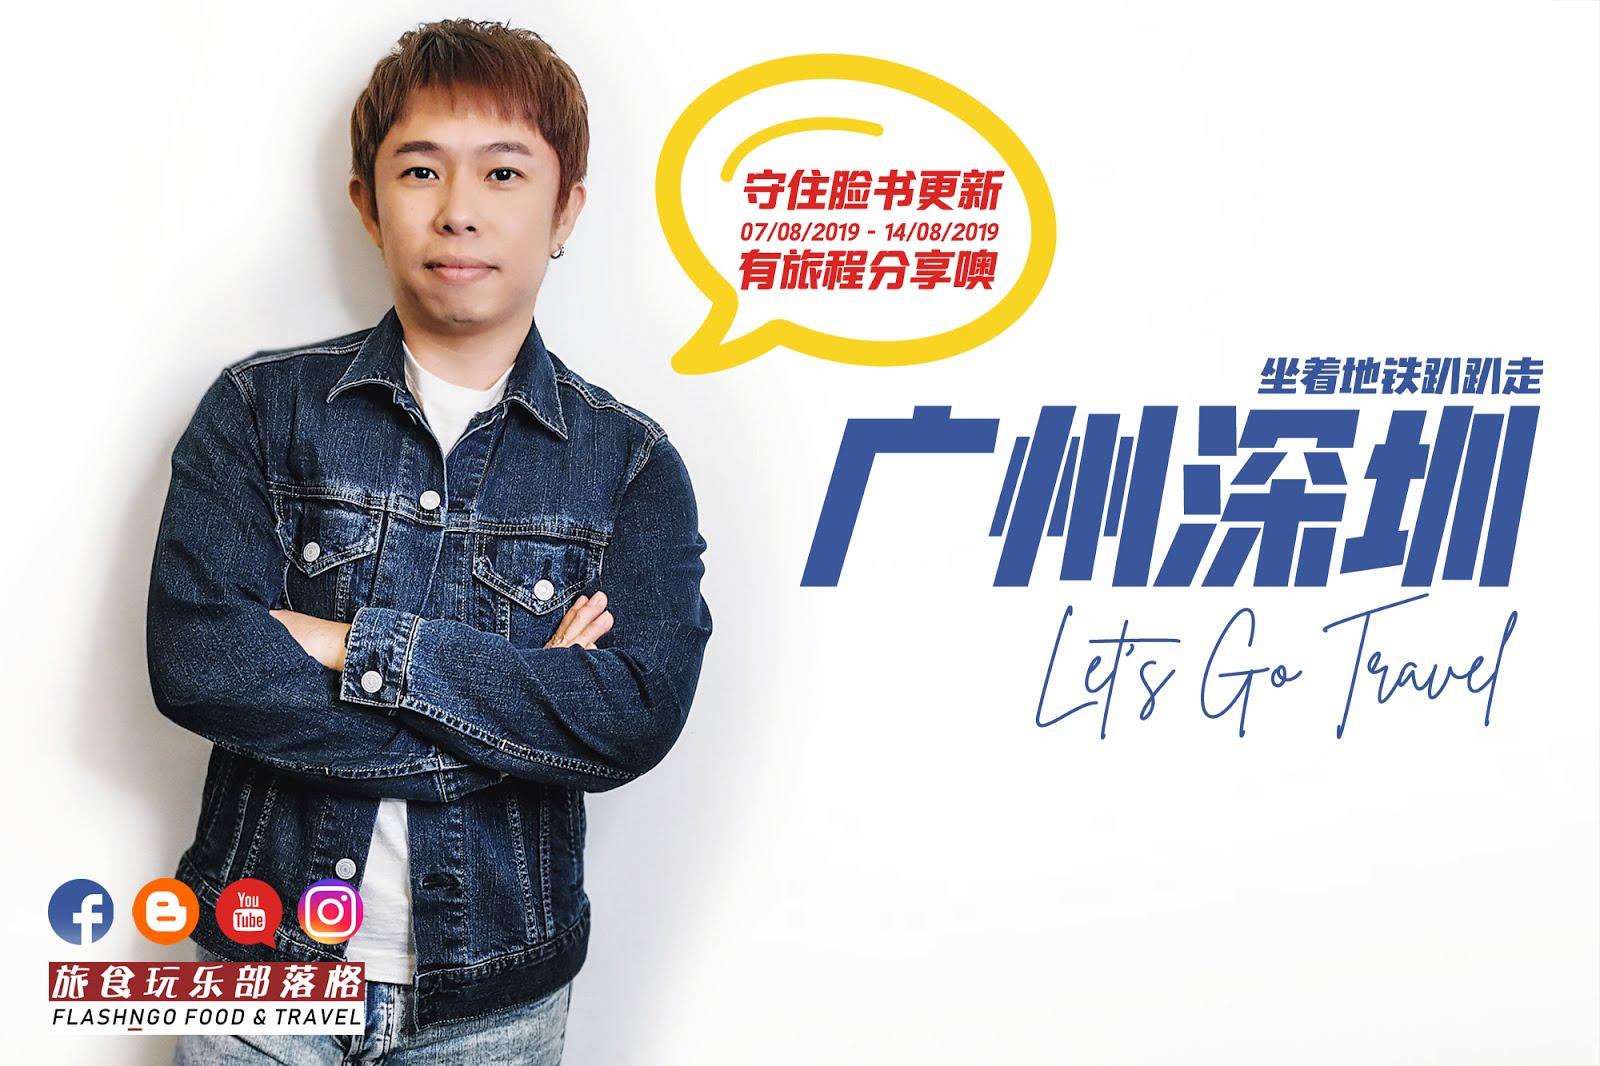 2019 广州深圳初体验